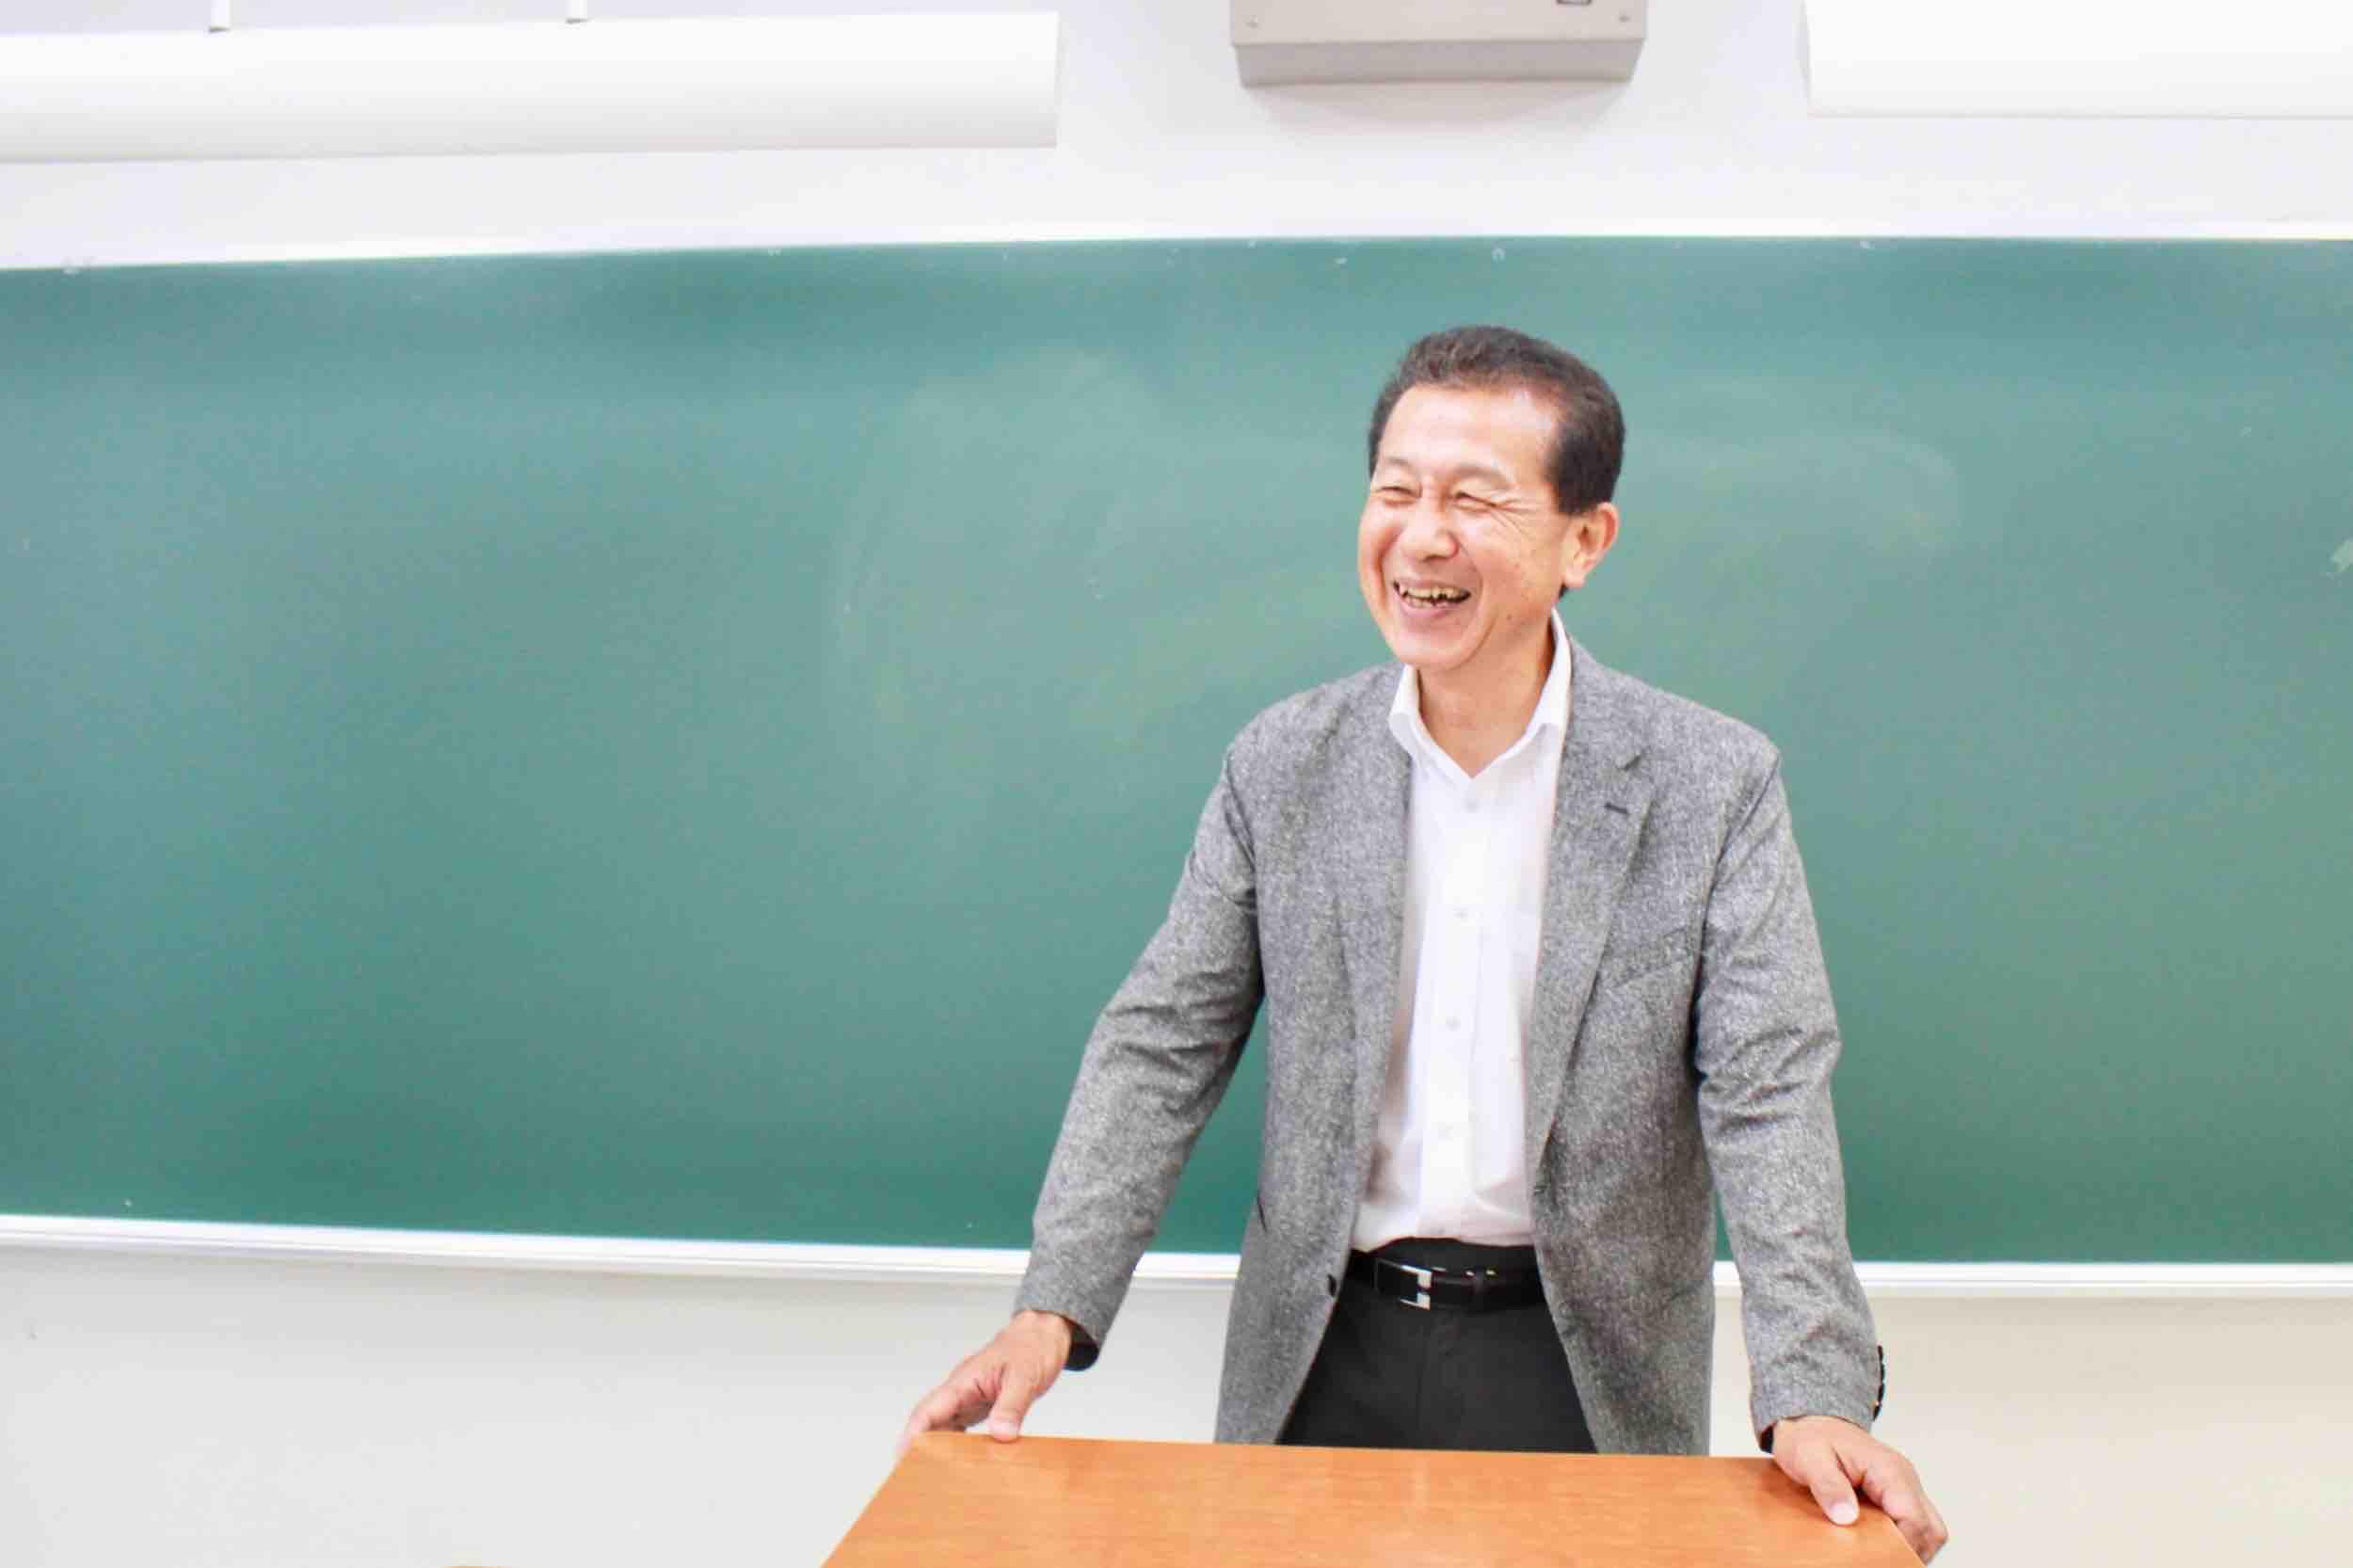 通信制高校は、学校教育そのものを変える可能性がある――いま抱えている課題、そして未来は?(手島純さんインタビュー・後編)